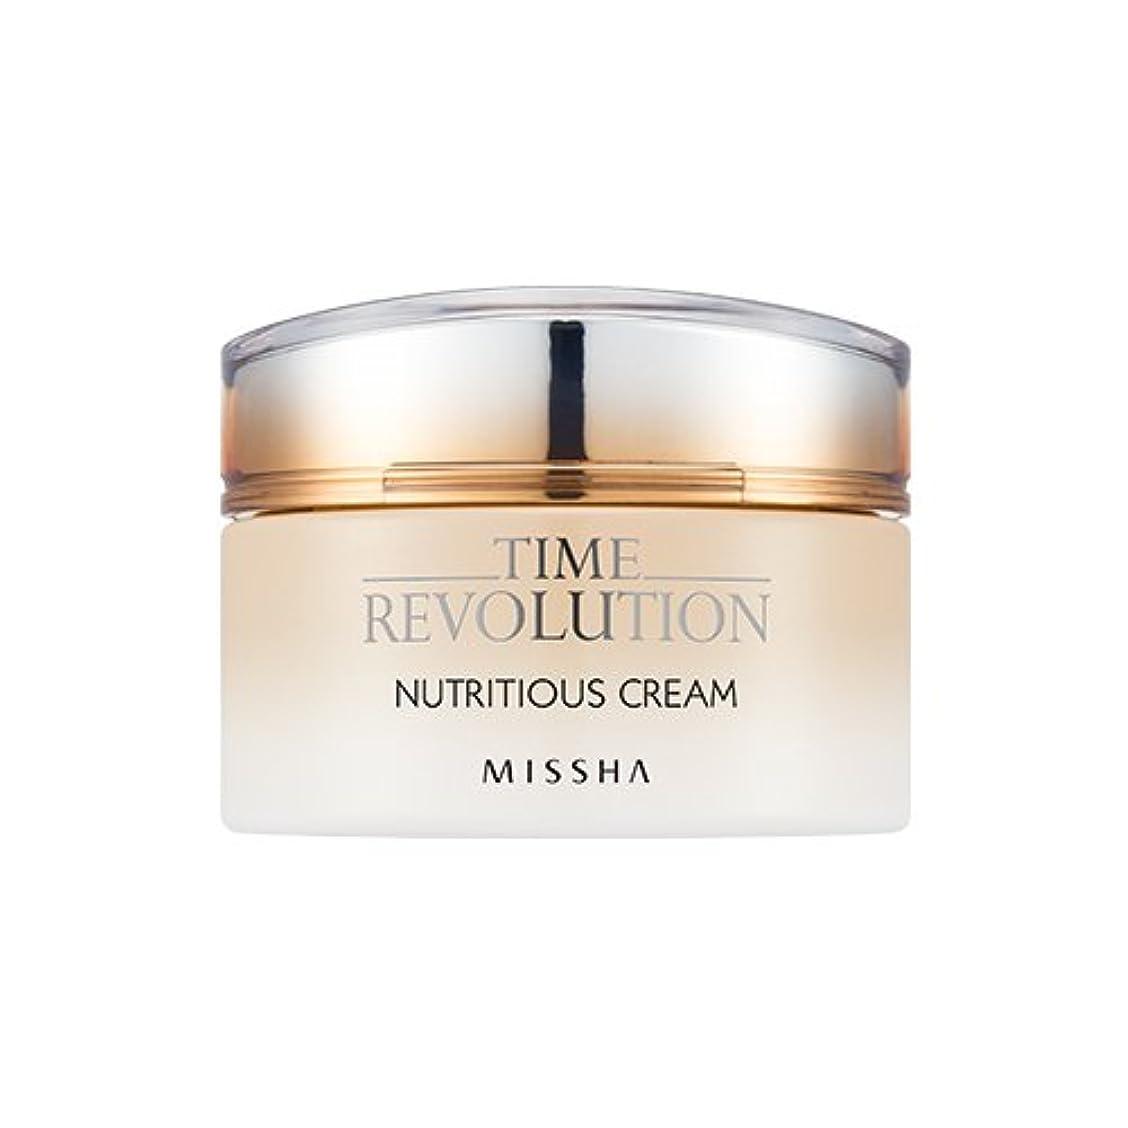 行断片多年生[New] MISSHA Time Revolution Nutritious Cream 50ml/ミシャ タイム レボリューション ニュートリシャス クリーム 50ml [並行輸入品]